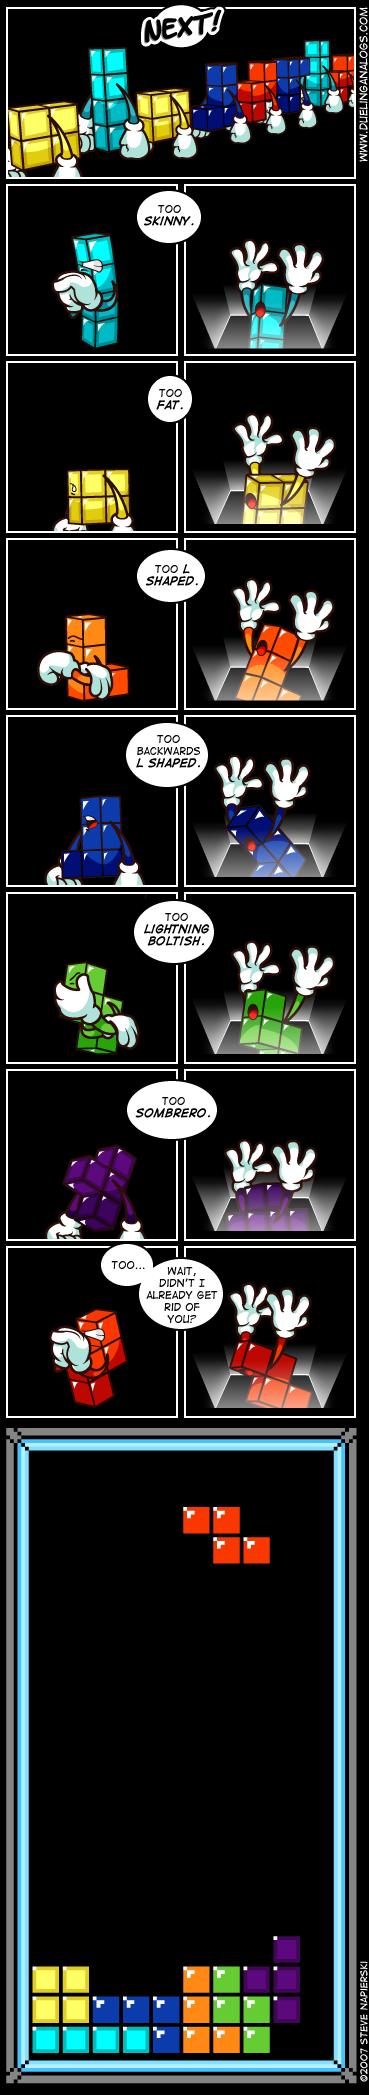 Mass Tetriside